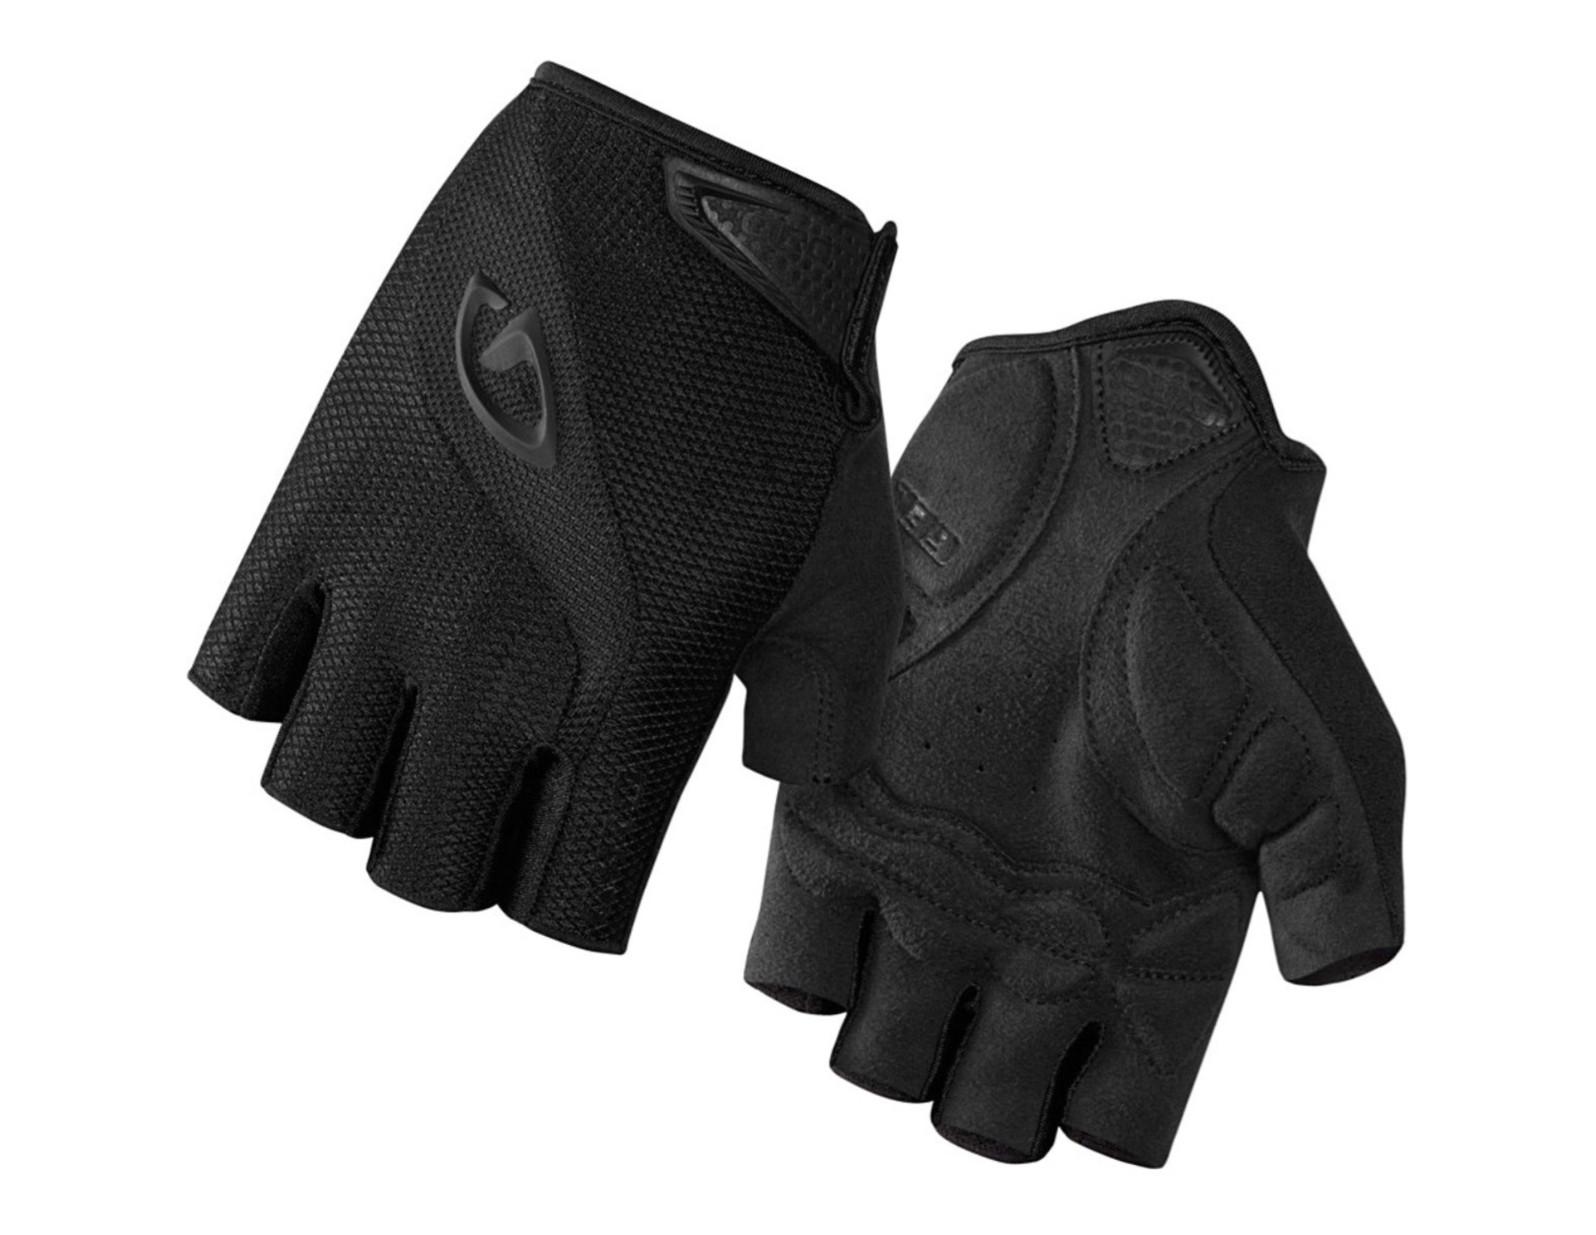 Giro Bravo Glove Giro Bravo Glove - black